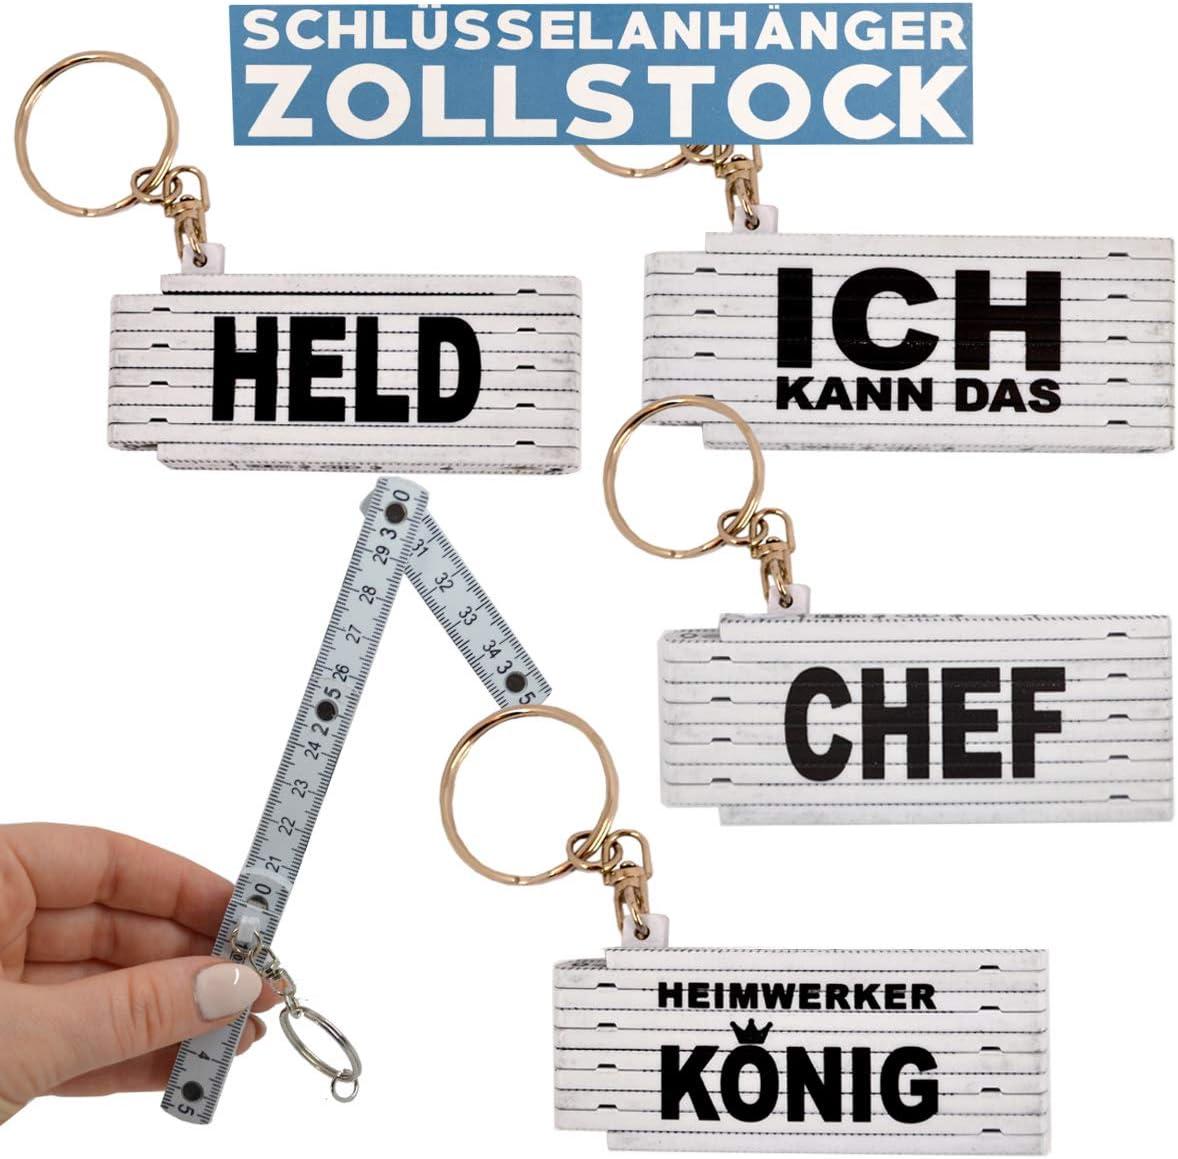 G/&M Schl/üsselanh/änger Zollstock Mini Spruch 4er Set 50cm Gliederma/ßstab Vatertag Heimwerker Werkstatt Wei/ß